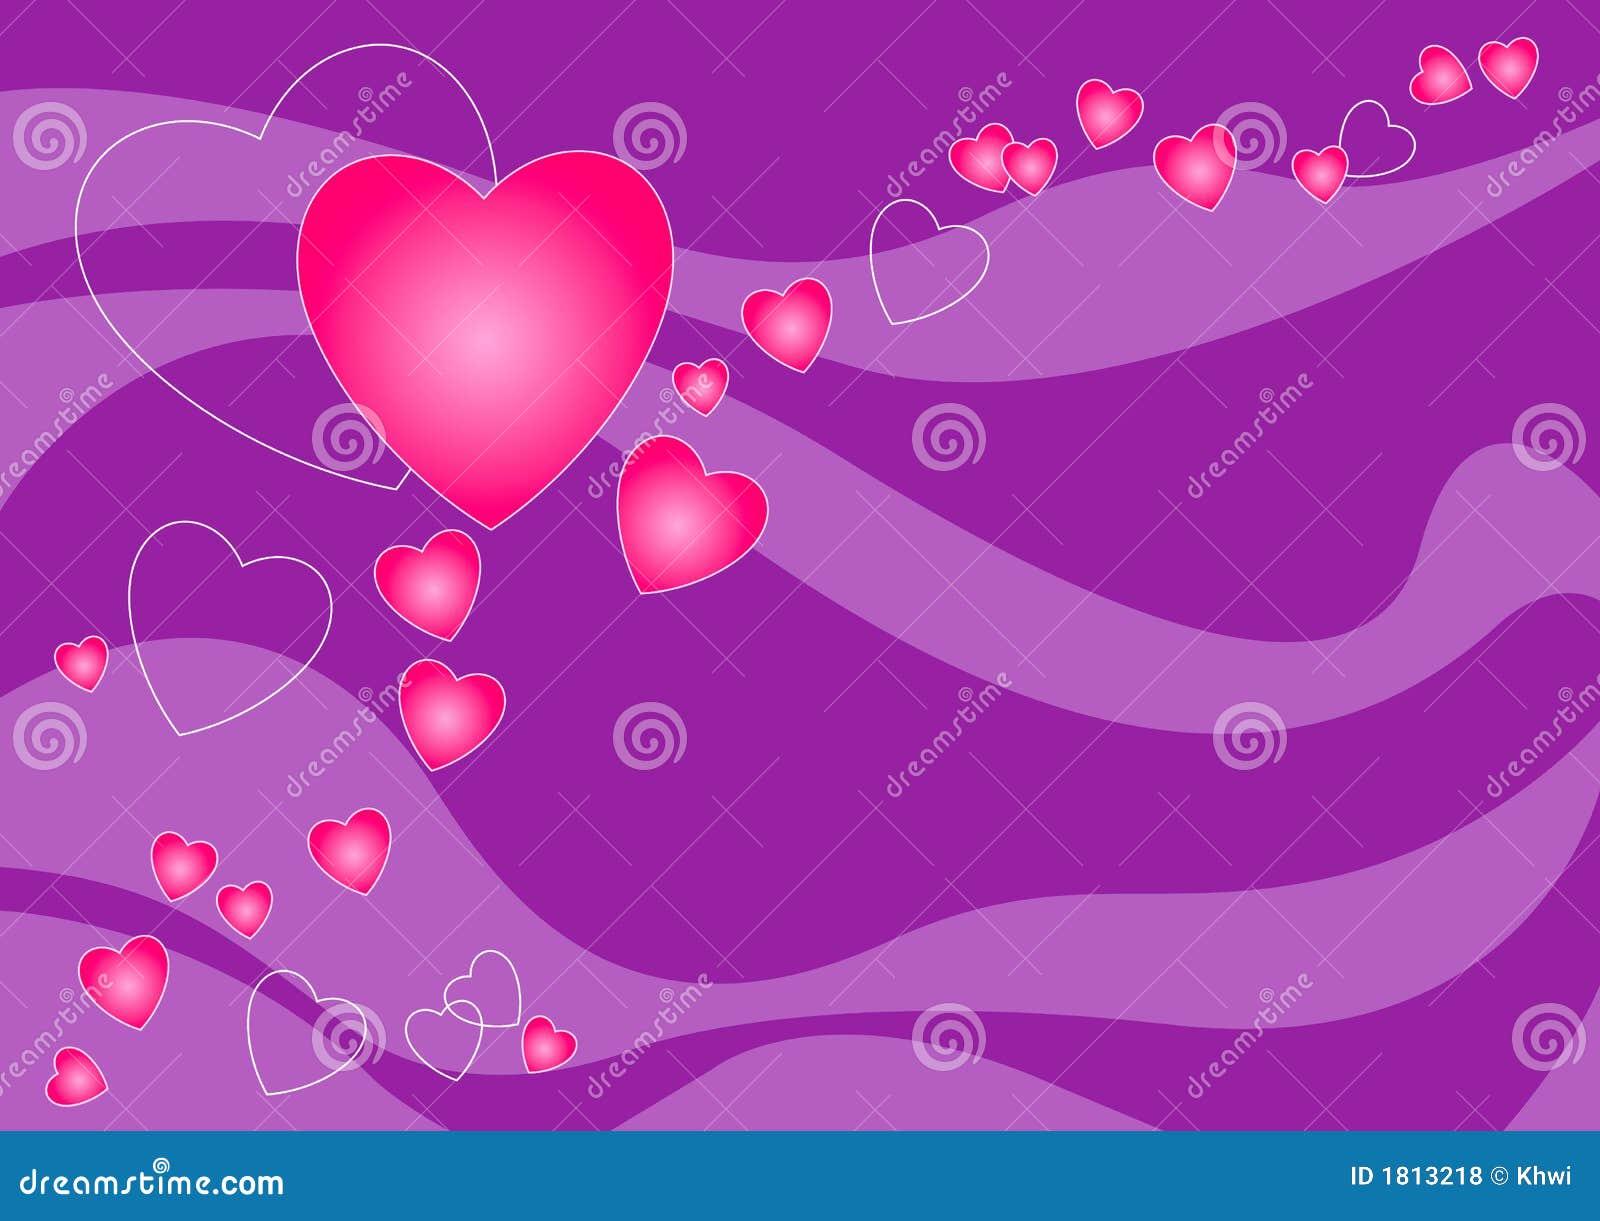 Coeur d 39 amour illustration de vecteur illustration du fond 1813218 - Ceour d amour ...